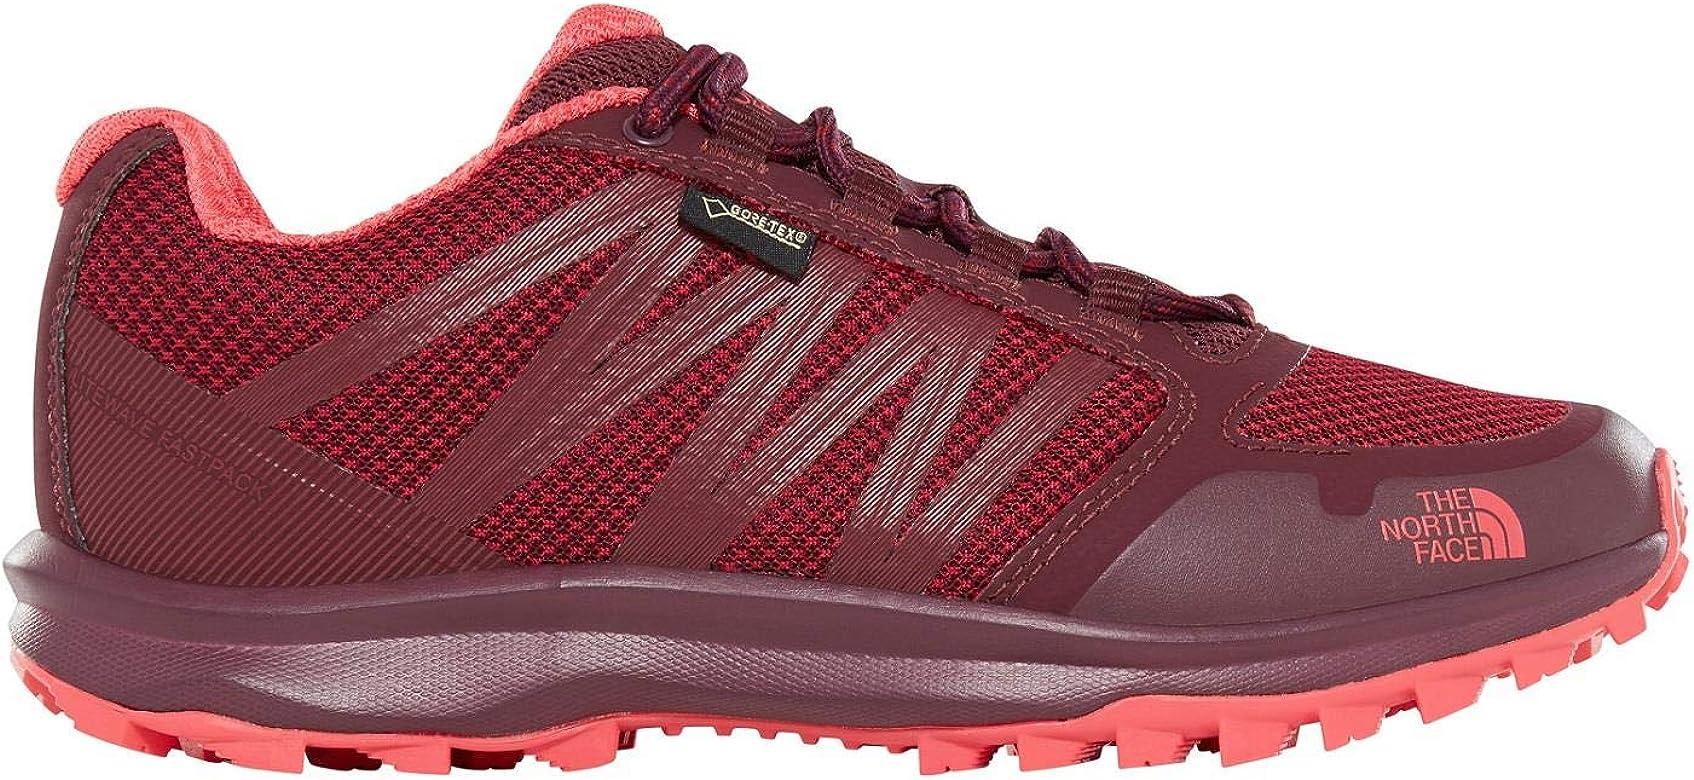 The North Face Litewave Fastpack Gore-Tex, Zapatillas de Senderismo para Mujer: Amazon.es: Zapatos y complementos